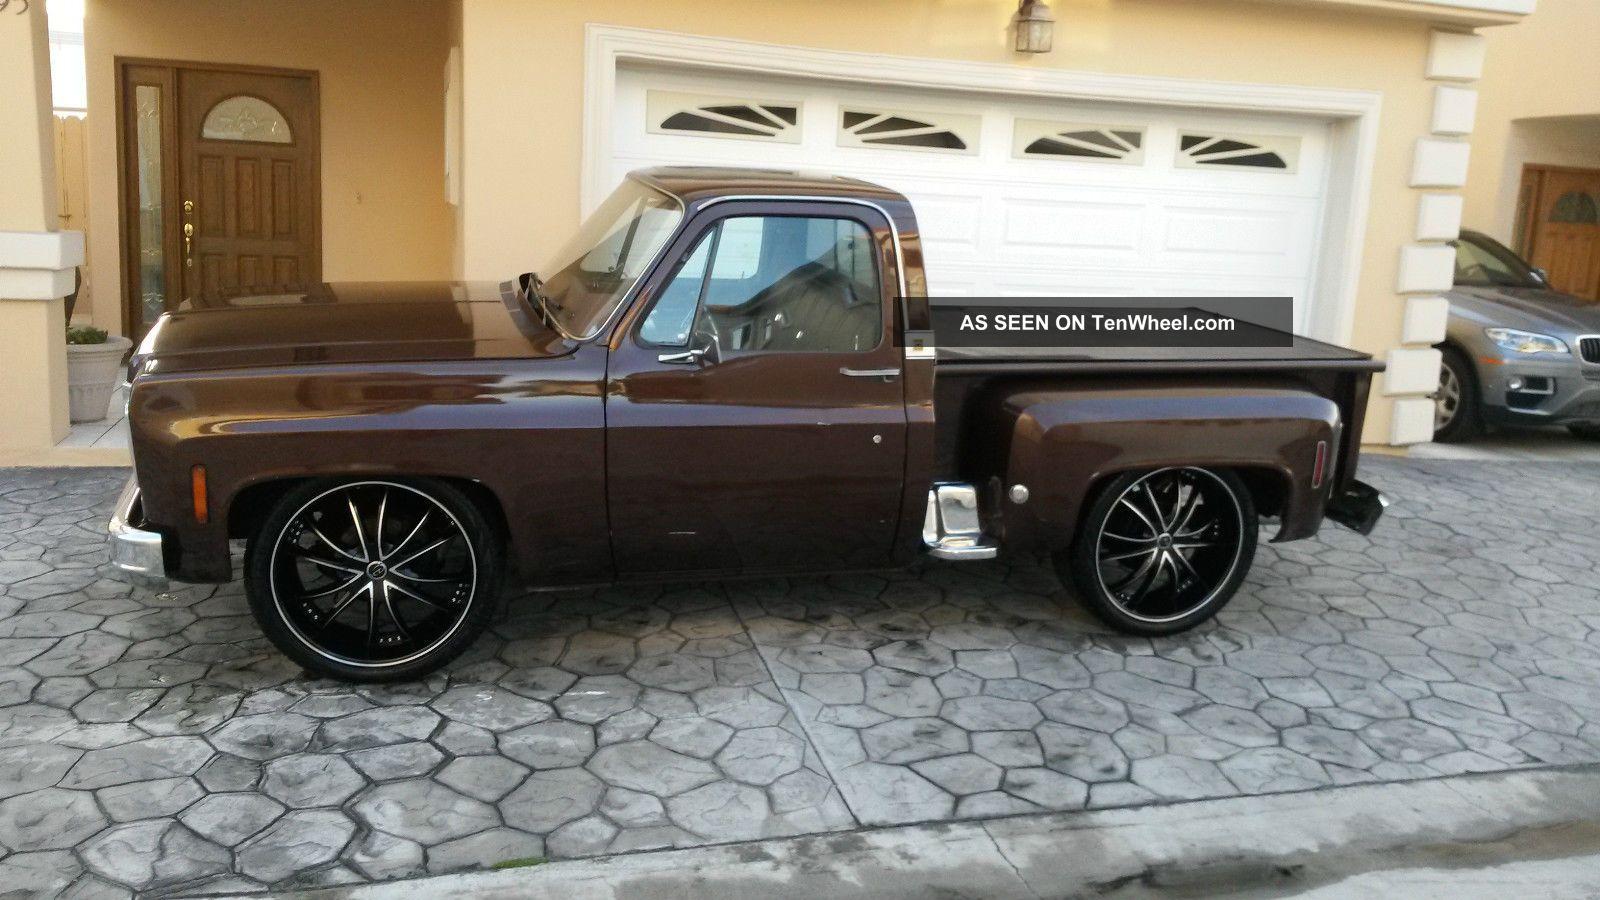 1976 chevrolet k10 pickup interior 157719 - 1976 Chevrolet K10 Pickup Rear 3 4 157719 1000x667 1976